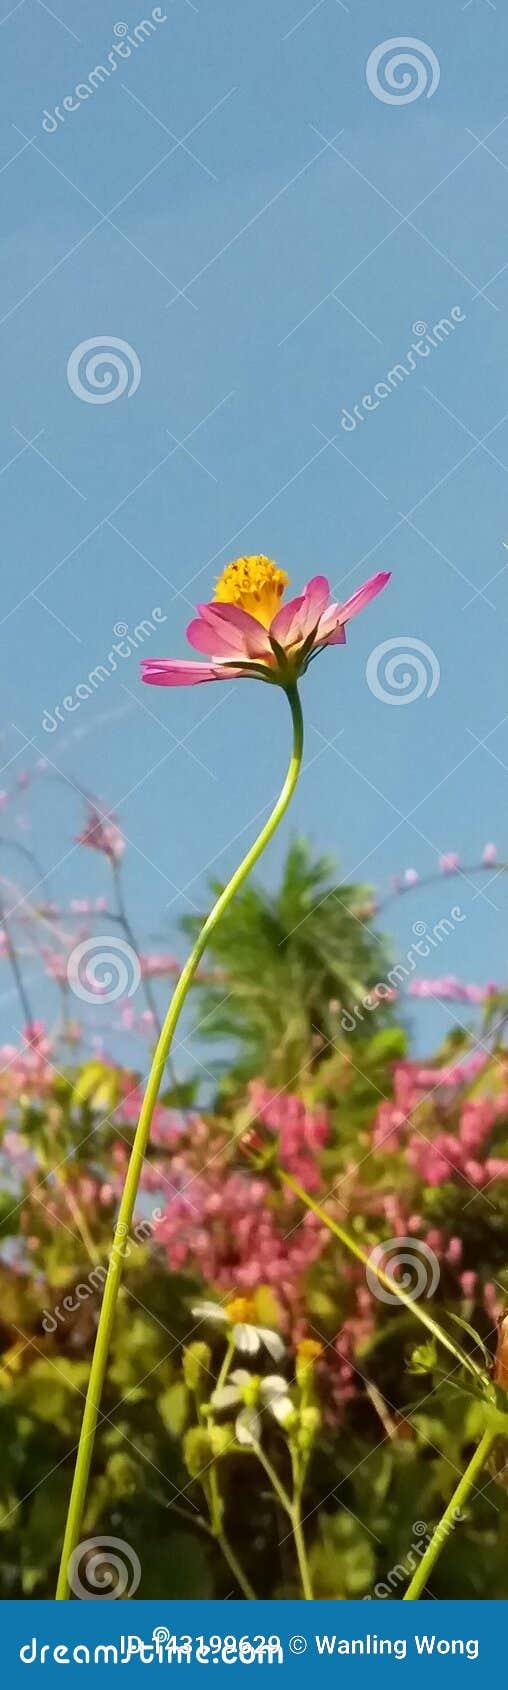 Bloemen onder de blauwe hemel